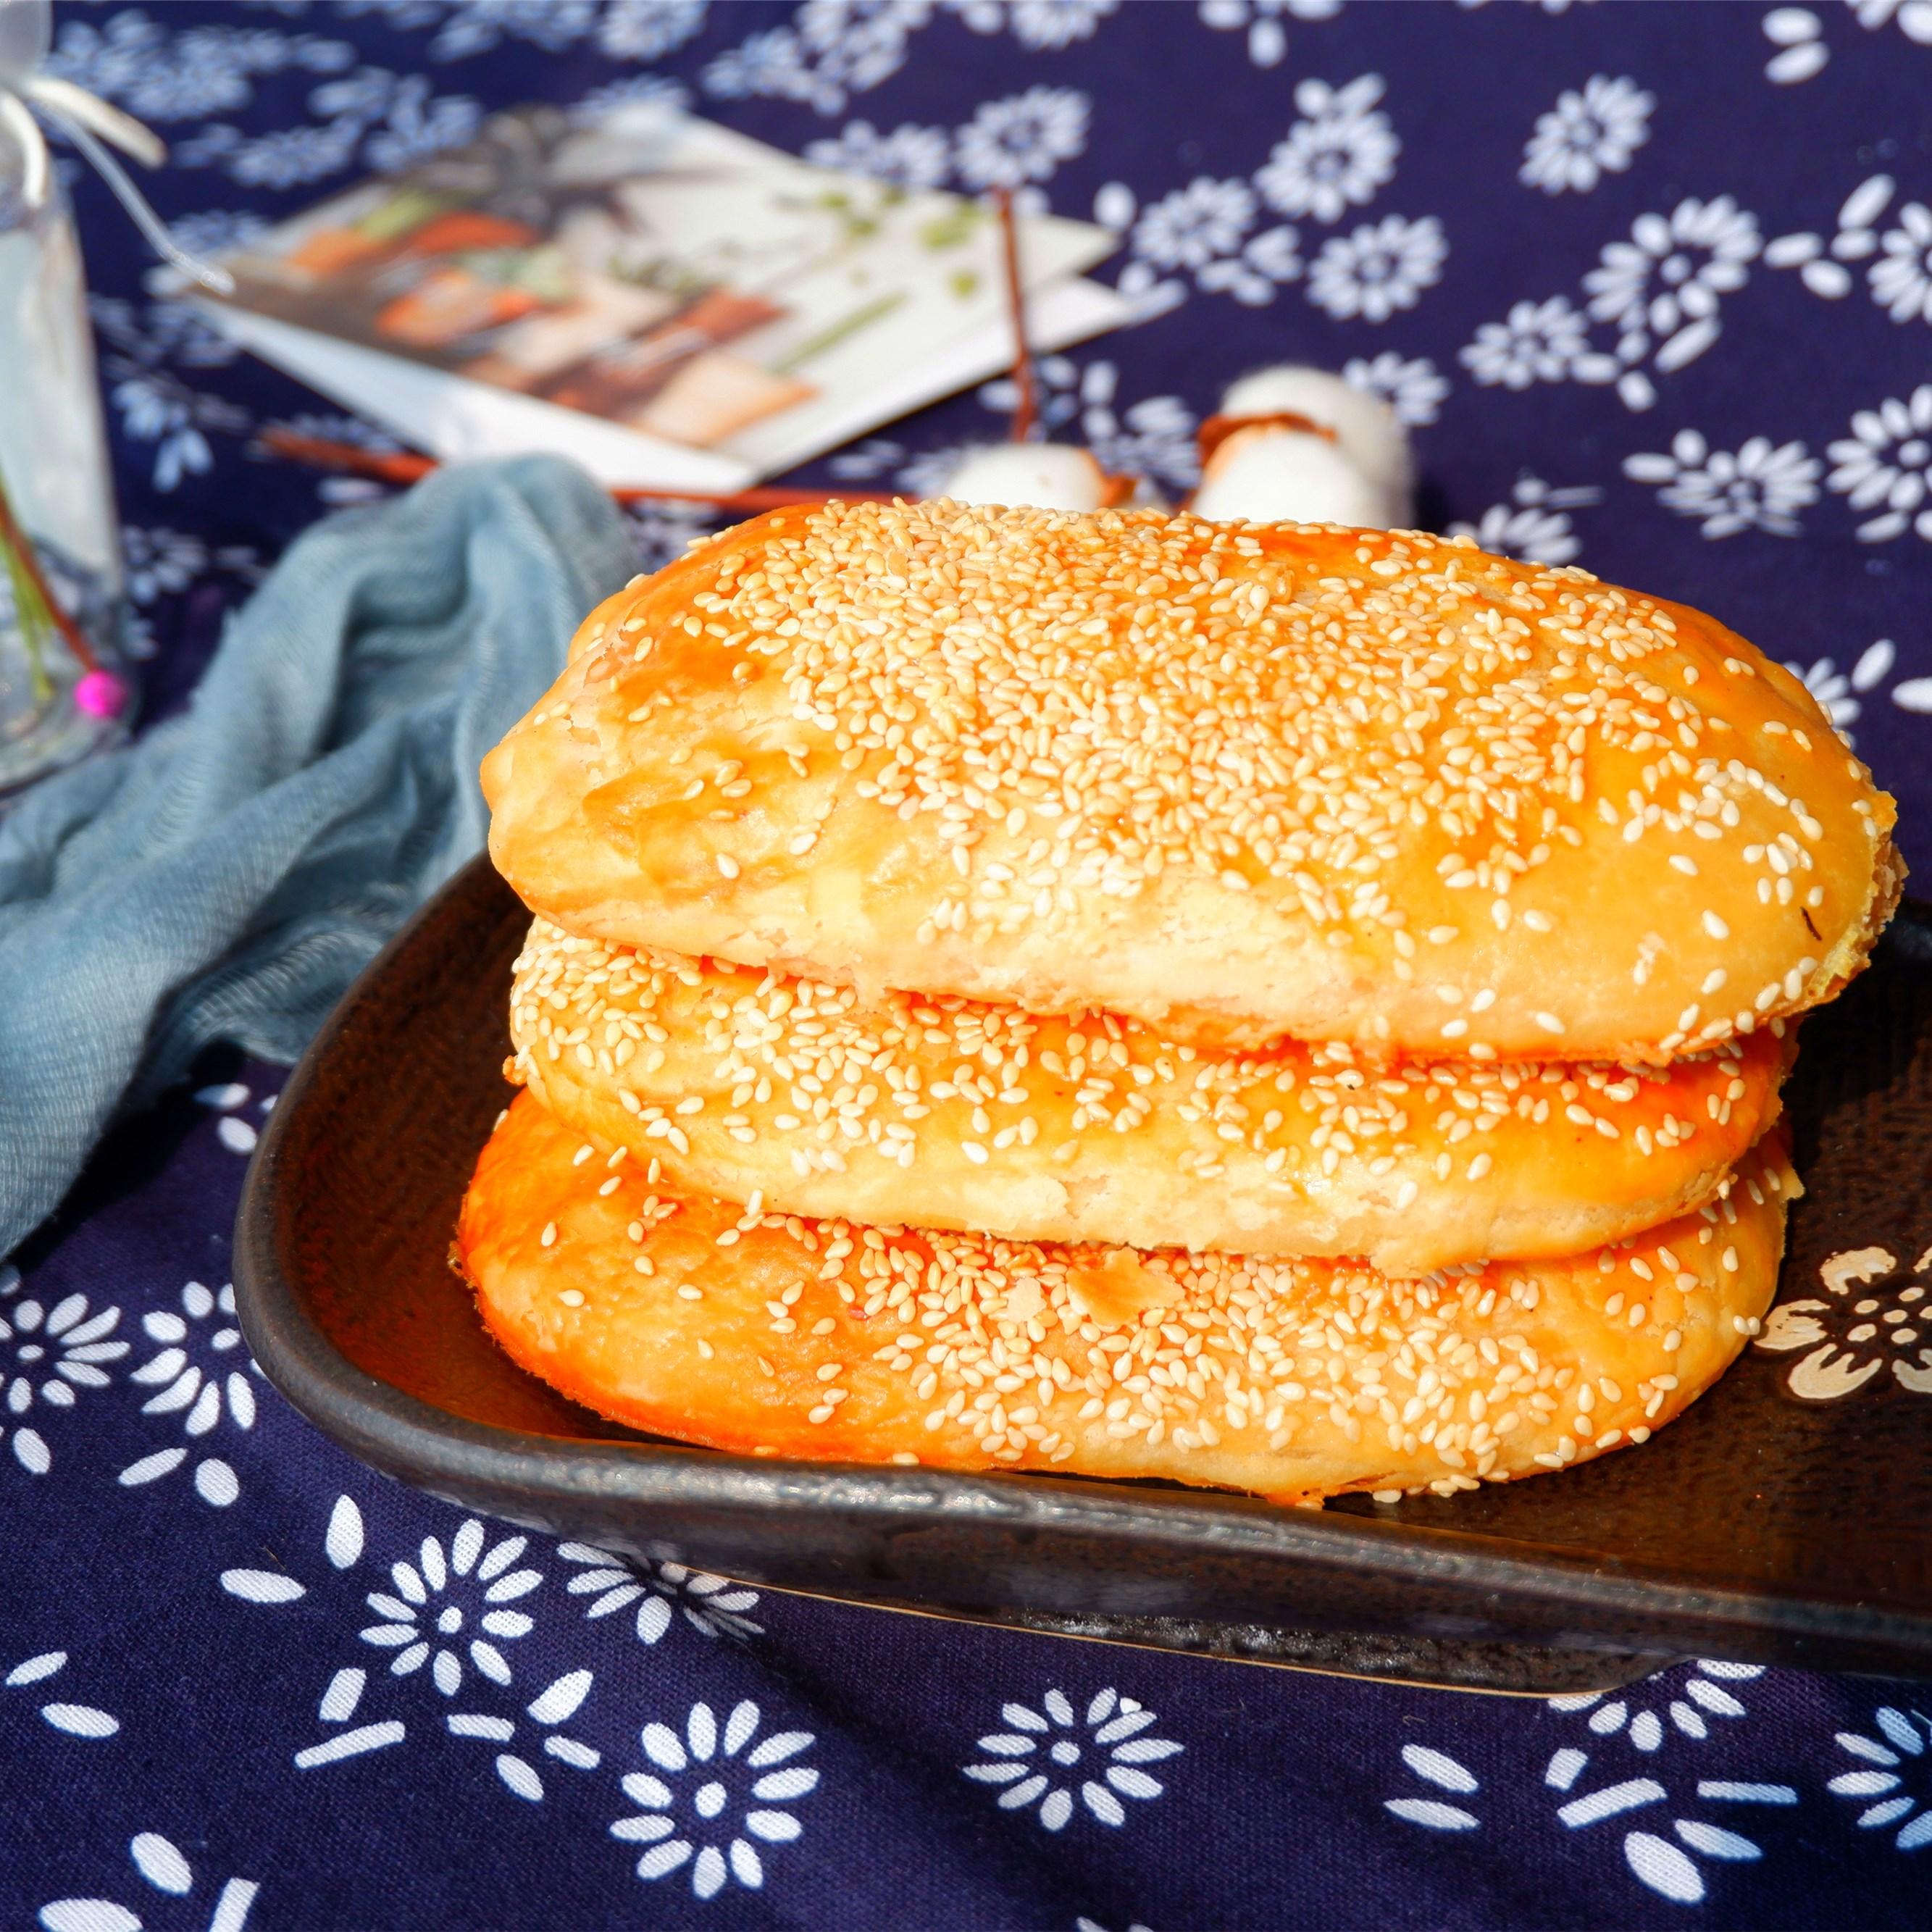 王兴记无锡油酥饼休闲茶点手工点心传统糕点零食酥蛋黄饼肉松烧饼